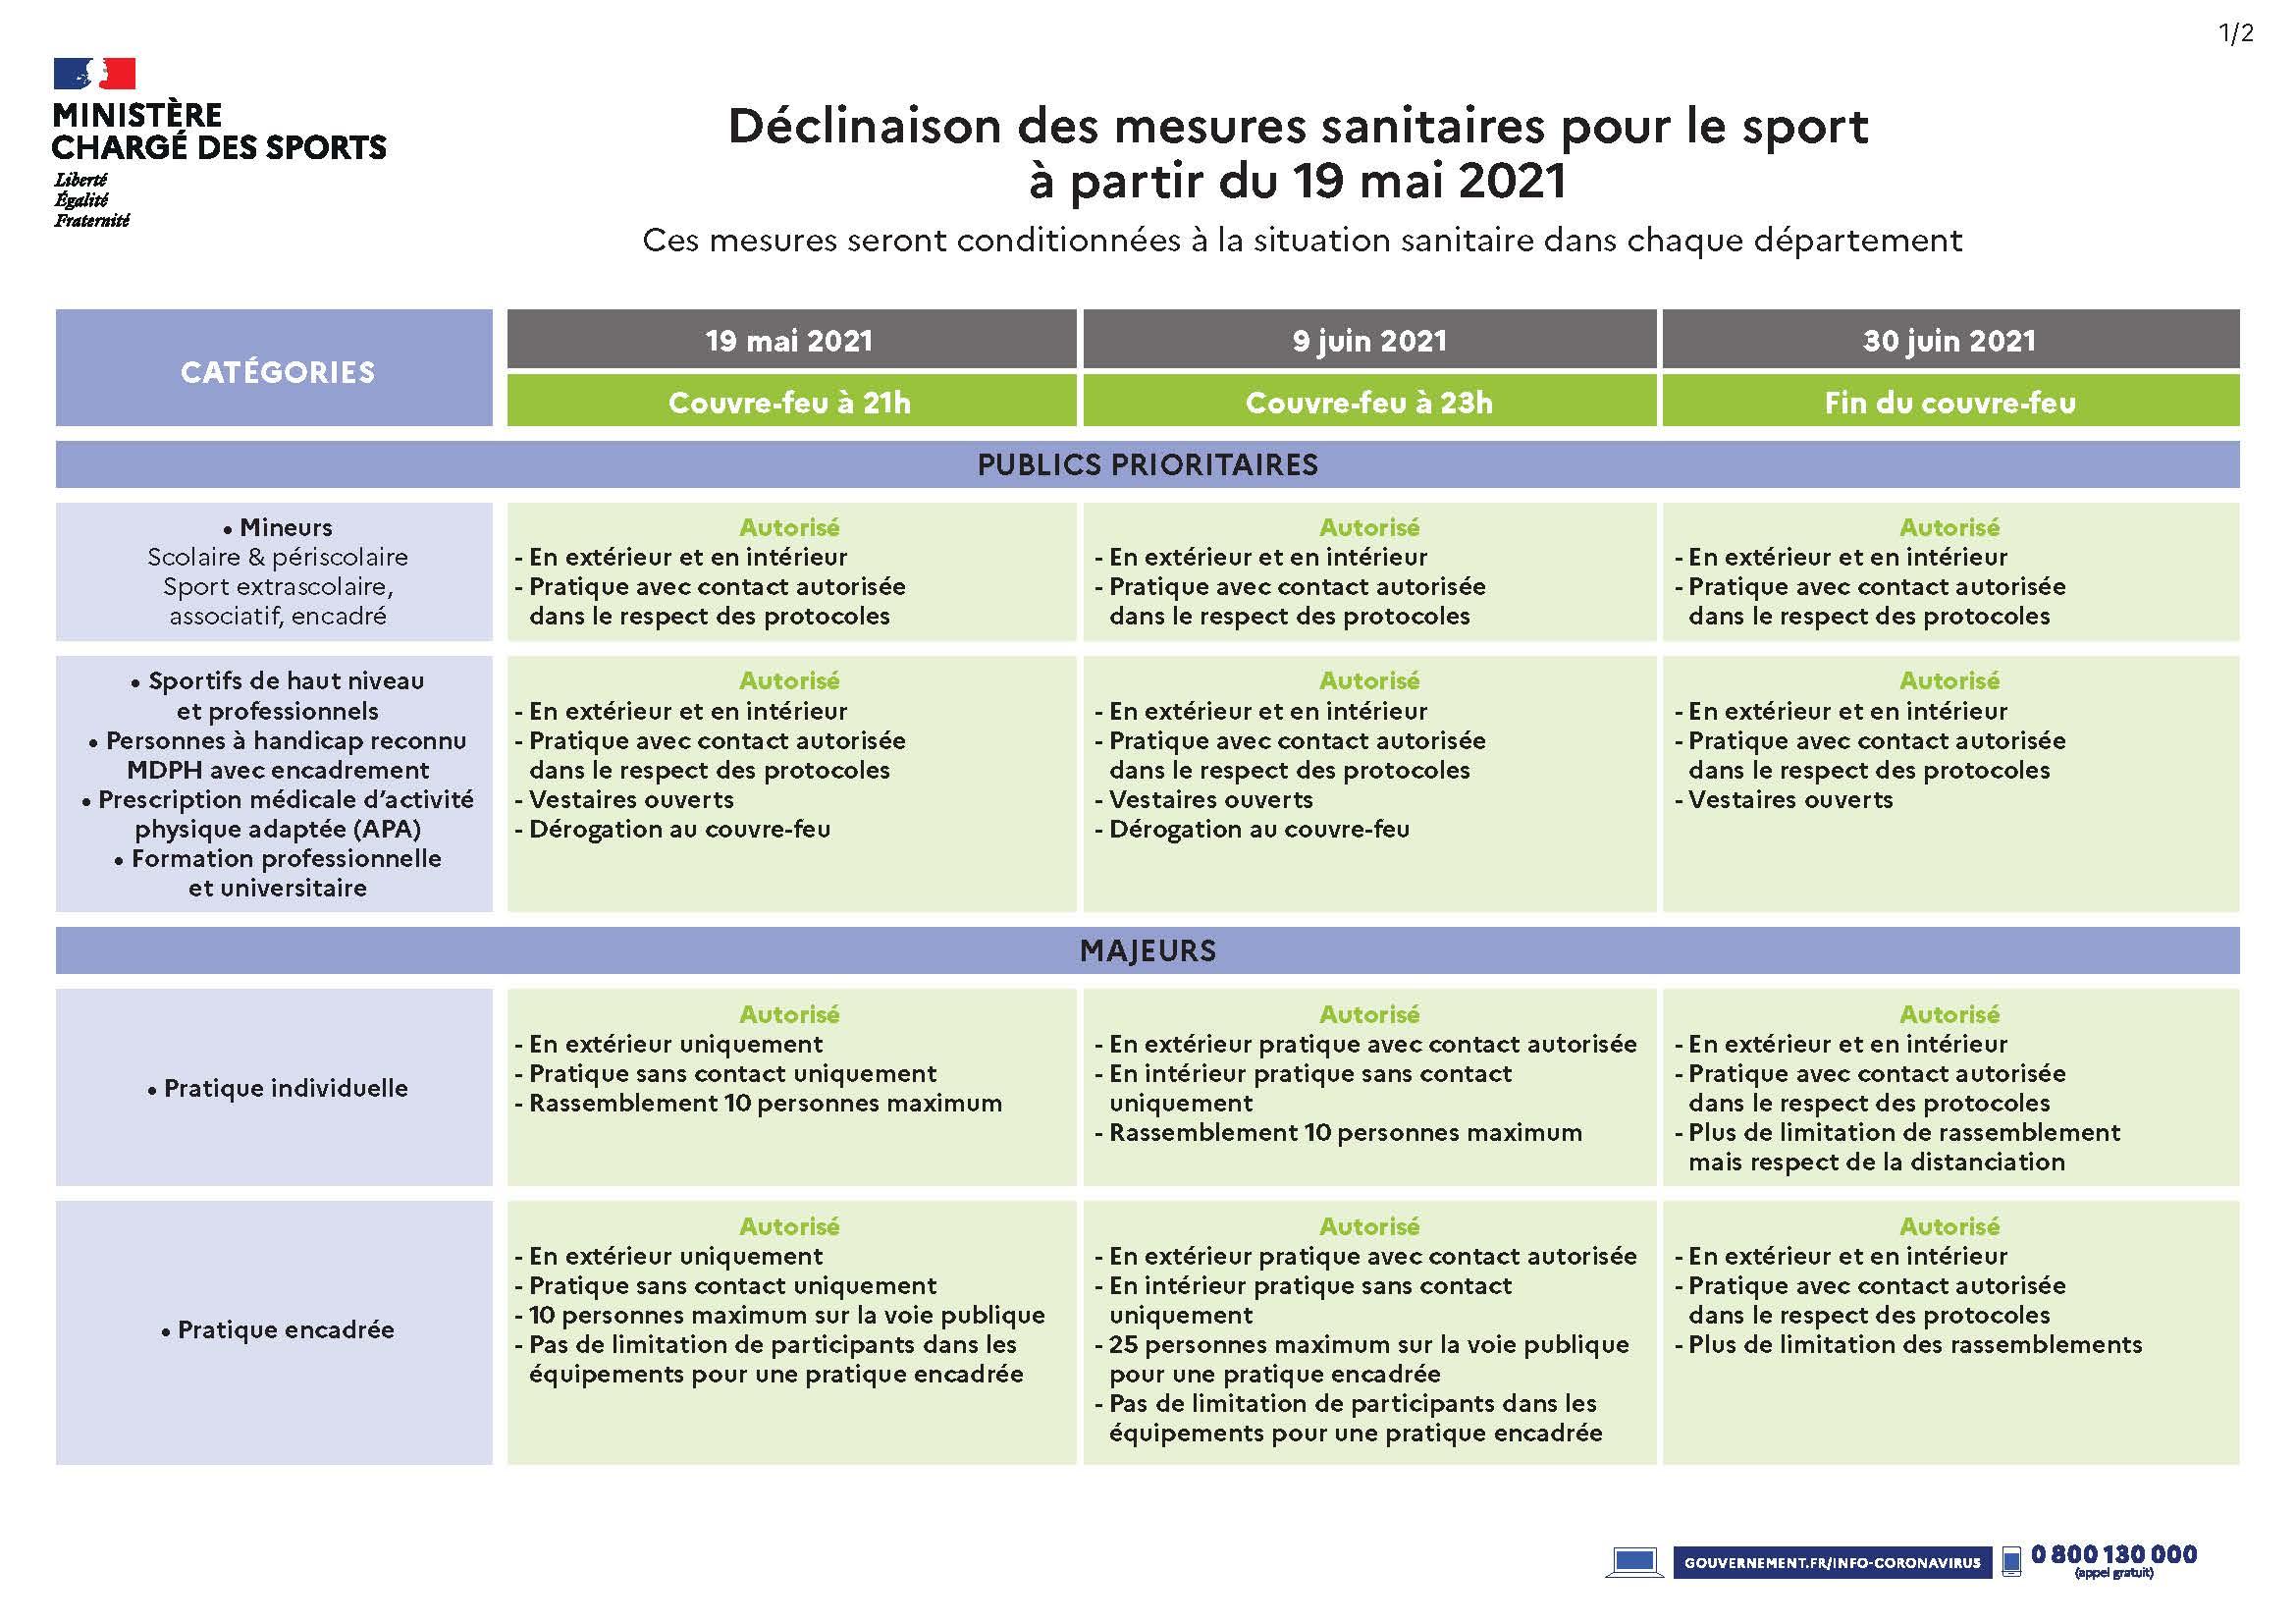 https://www.sports.gouv.fr/pratiques-sportives/covid19/application-des-decisions-sanitaires-pour-le-sport-a-partir-du-03-avril/